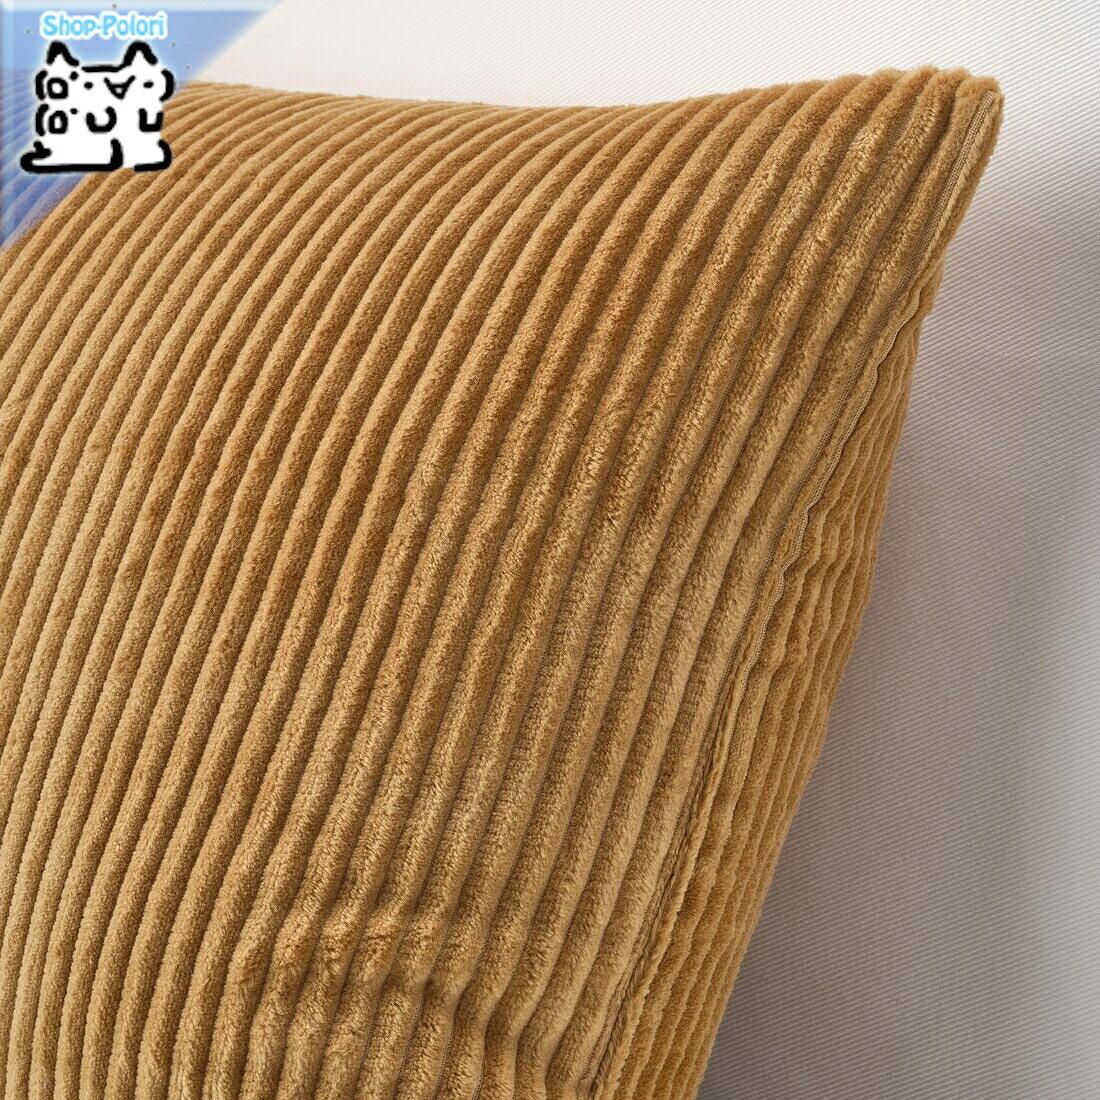 【IKEA Original】オースヴェイグ クッションカバー ダークベージュ 40x65 cm